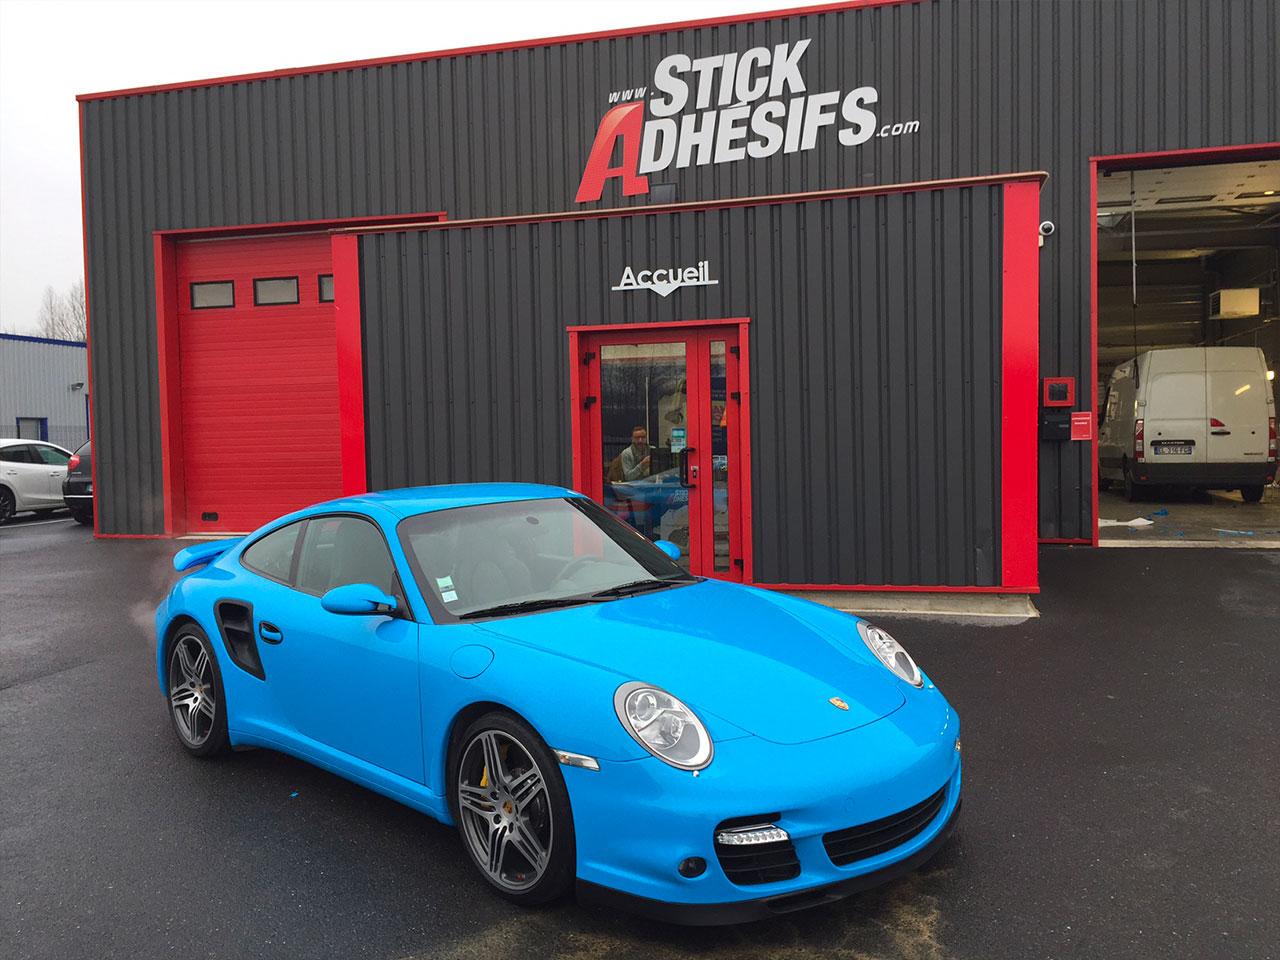 Covering Porsche